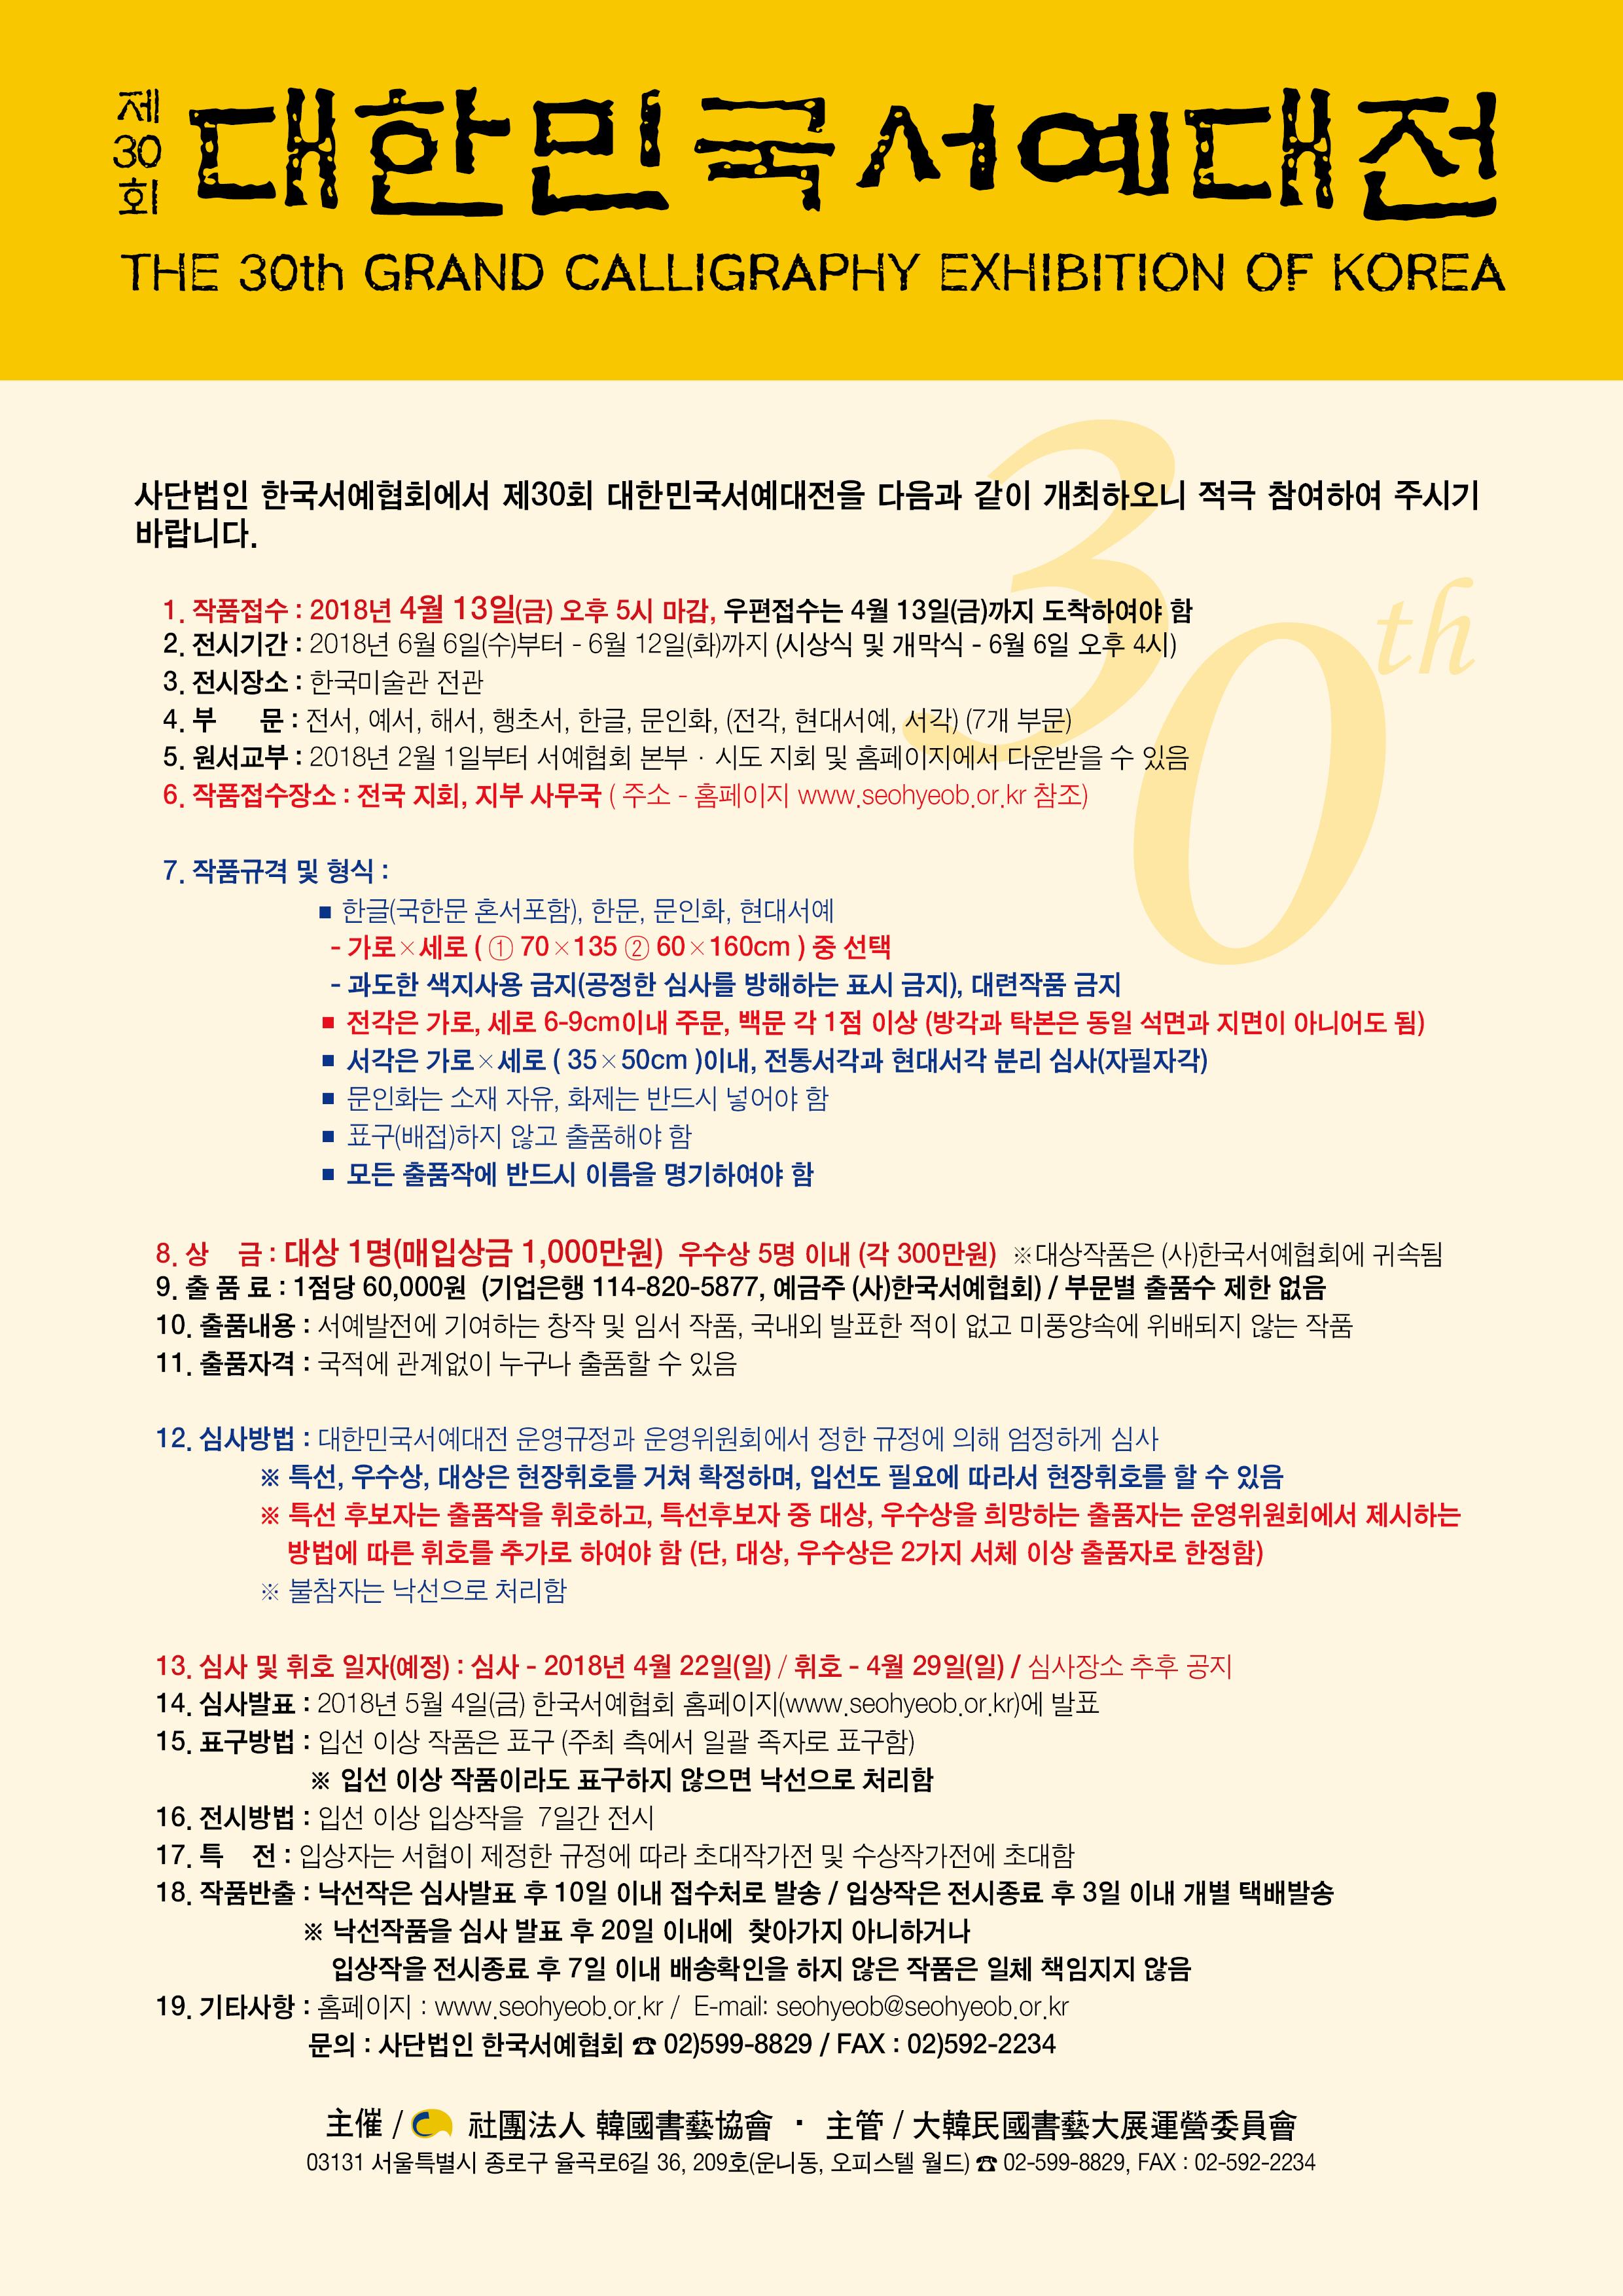 제30회 대한민국서예대전 공모요강.jpg